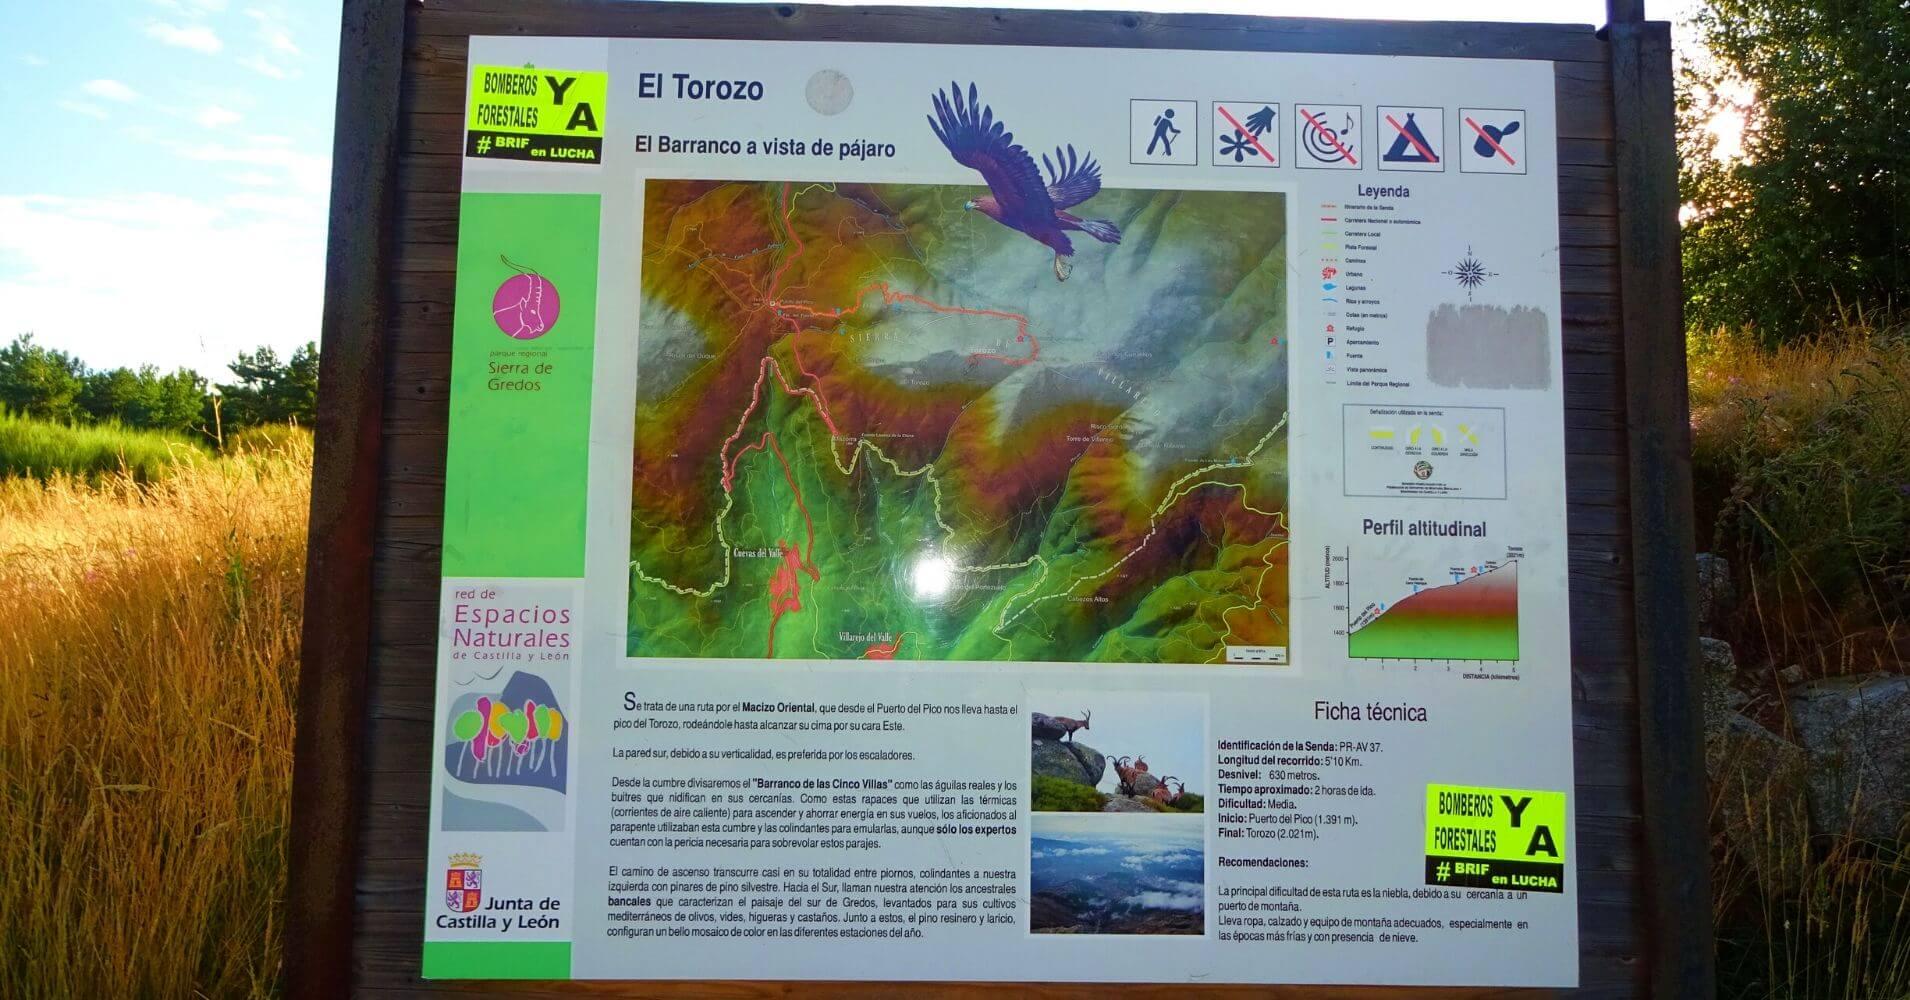 Cartel PR AV 37 Pico El Torozo, Sierra de Gredos, Ávila. Castilla y León.